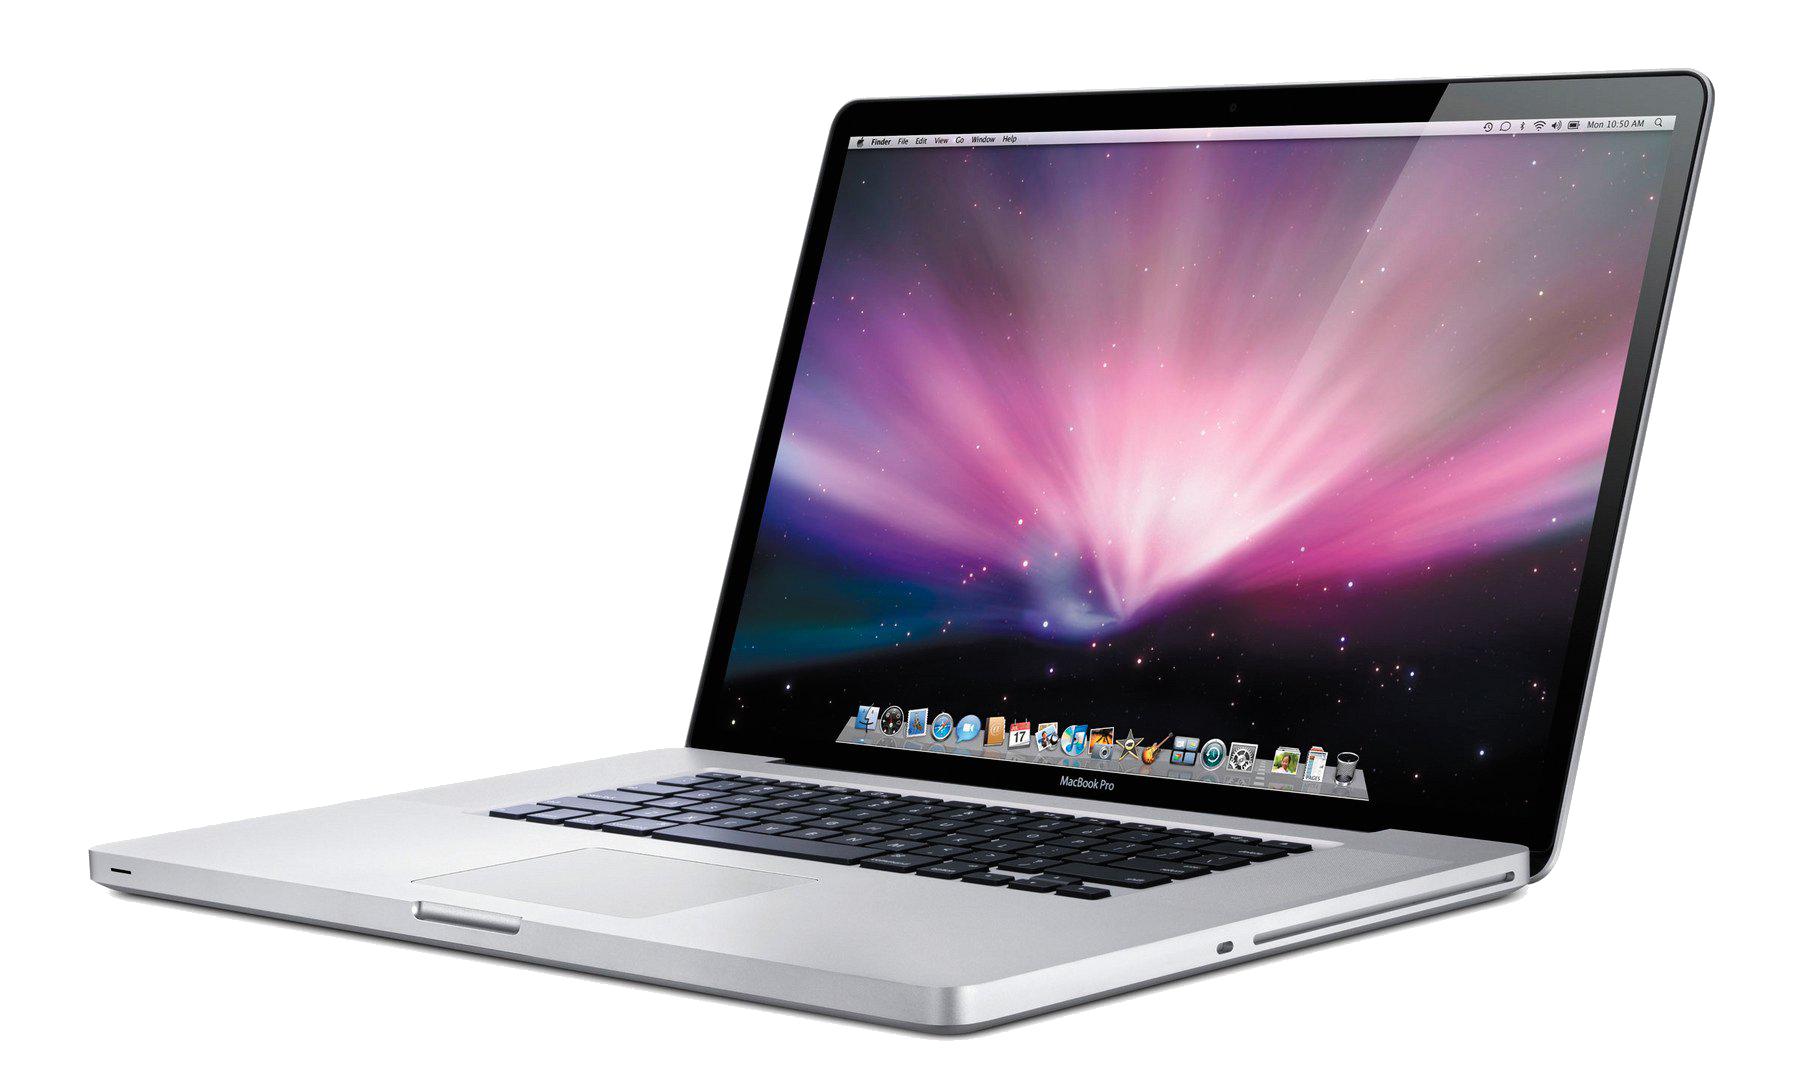 Macbook Png Image Apple Macbook Macbook Apple Macbook Pro